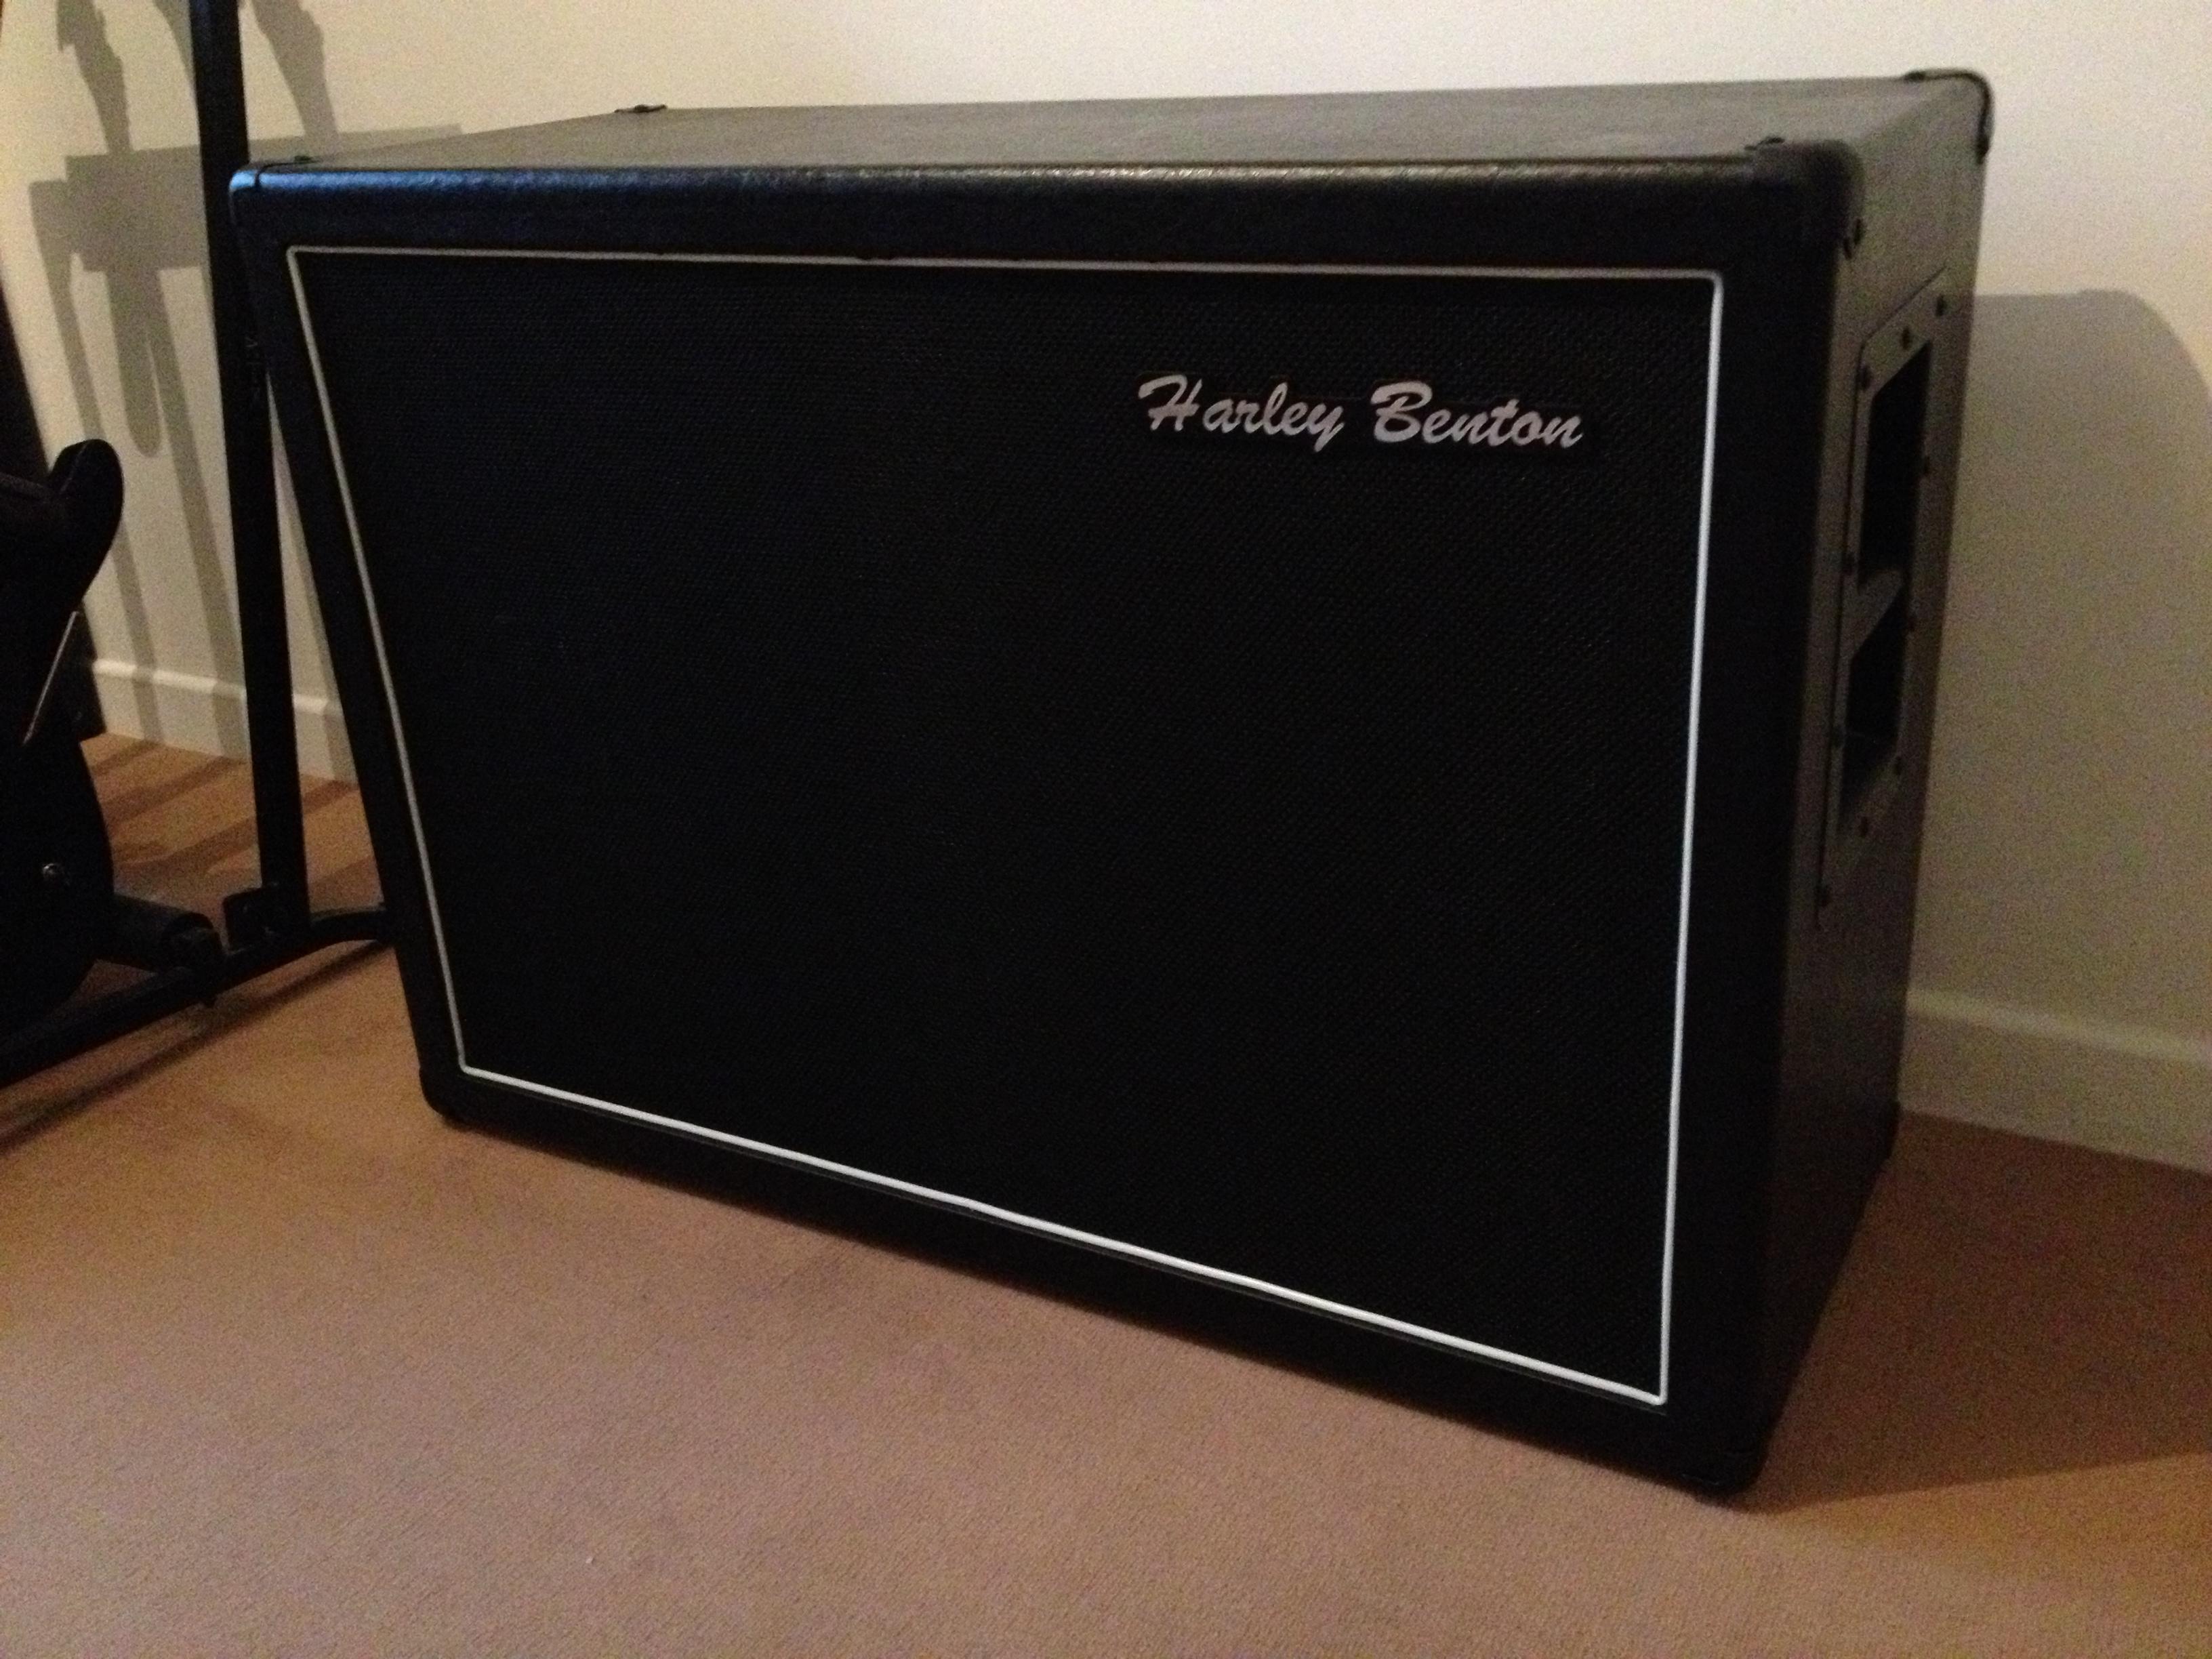 harley benton g212 vintage image 543582 audiofanzine. Black Bedroom Furniture Sets. Home Design Ideas